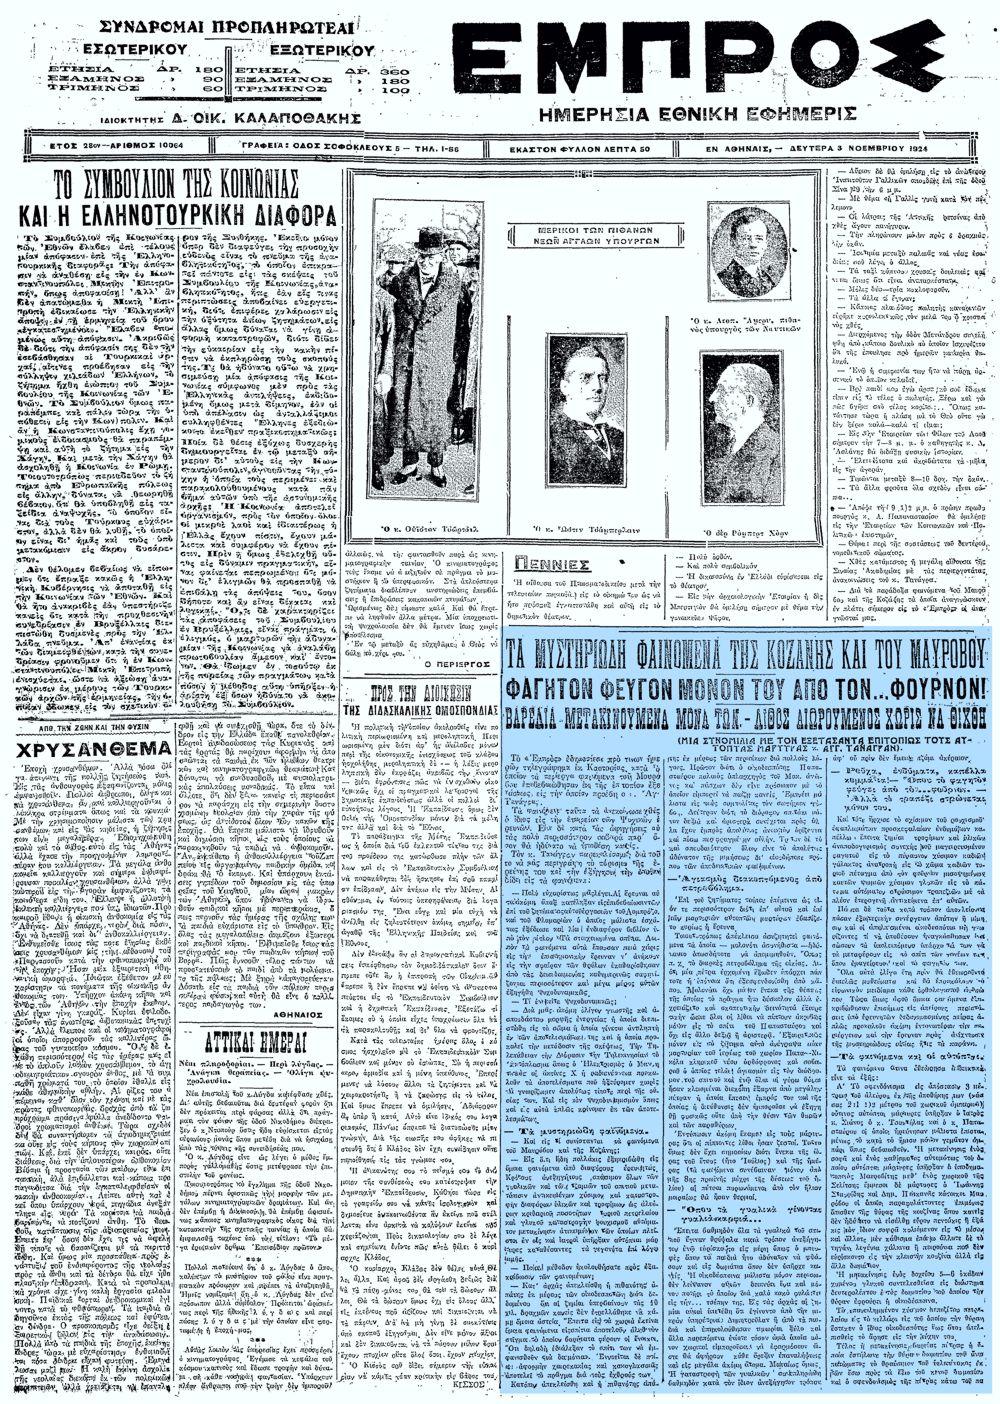 """Το άρθρο, όπως δημοσιεύθηκε στην εφημερίδα """"ΕΜΠΡΟΣ"""", στις 03/11/1924"""